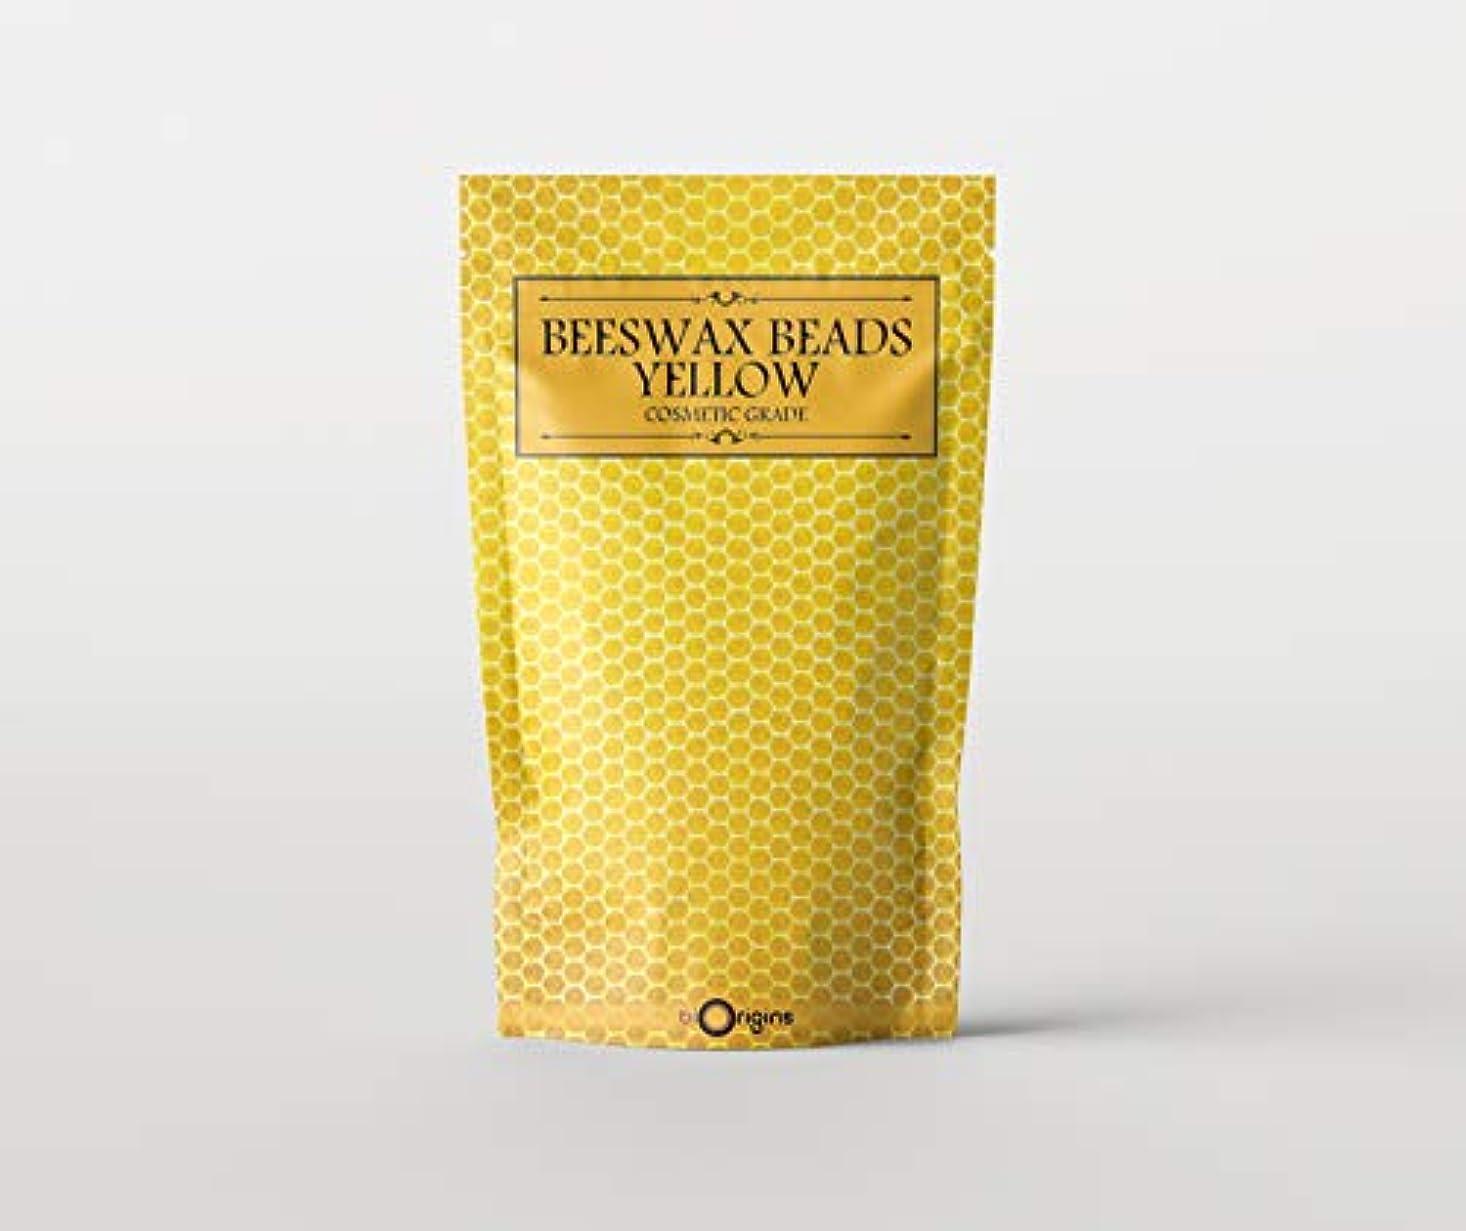 ブレス宇宙のプラグBeeswax Beads Yellow - Cosmetic Grade - 1Kg